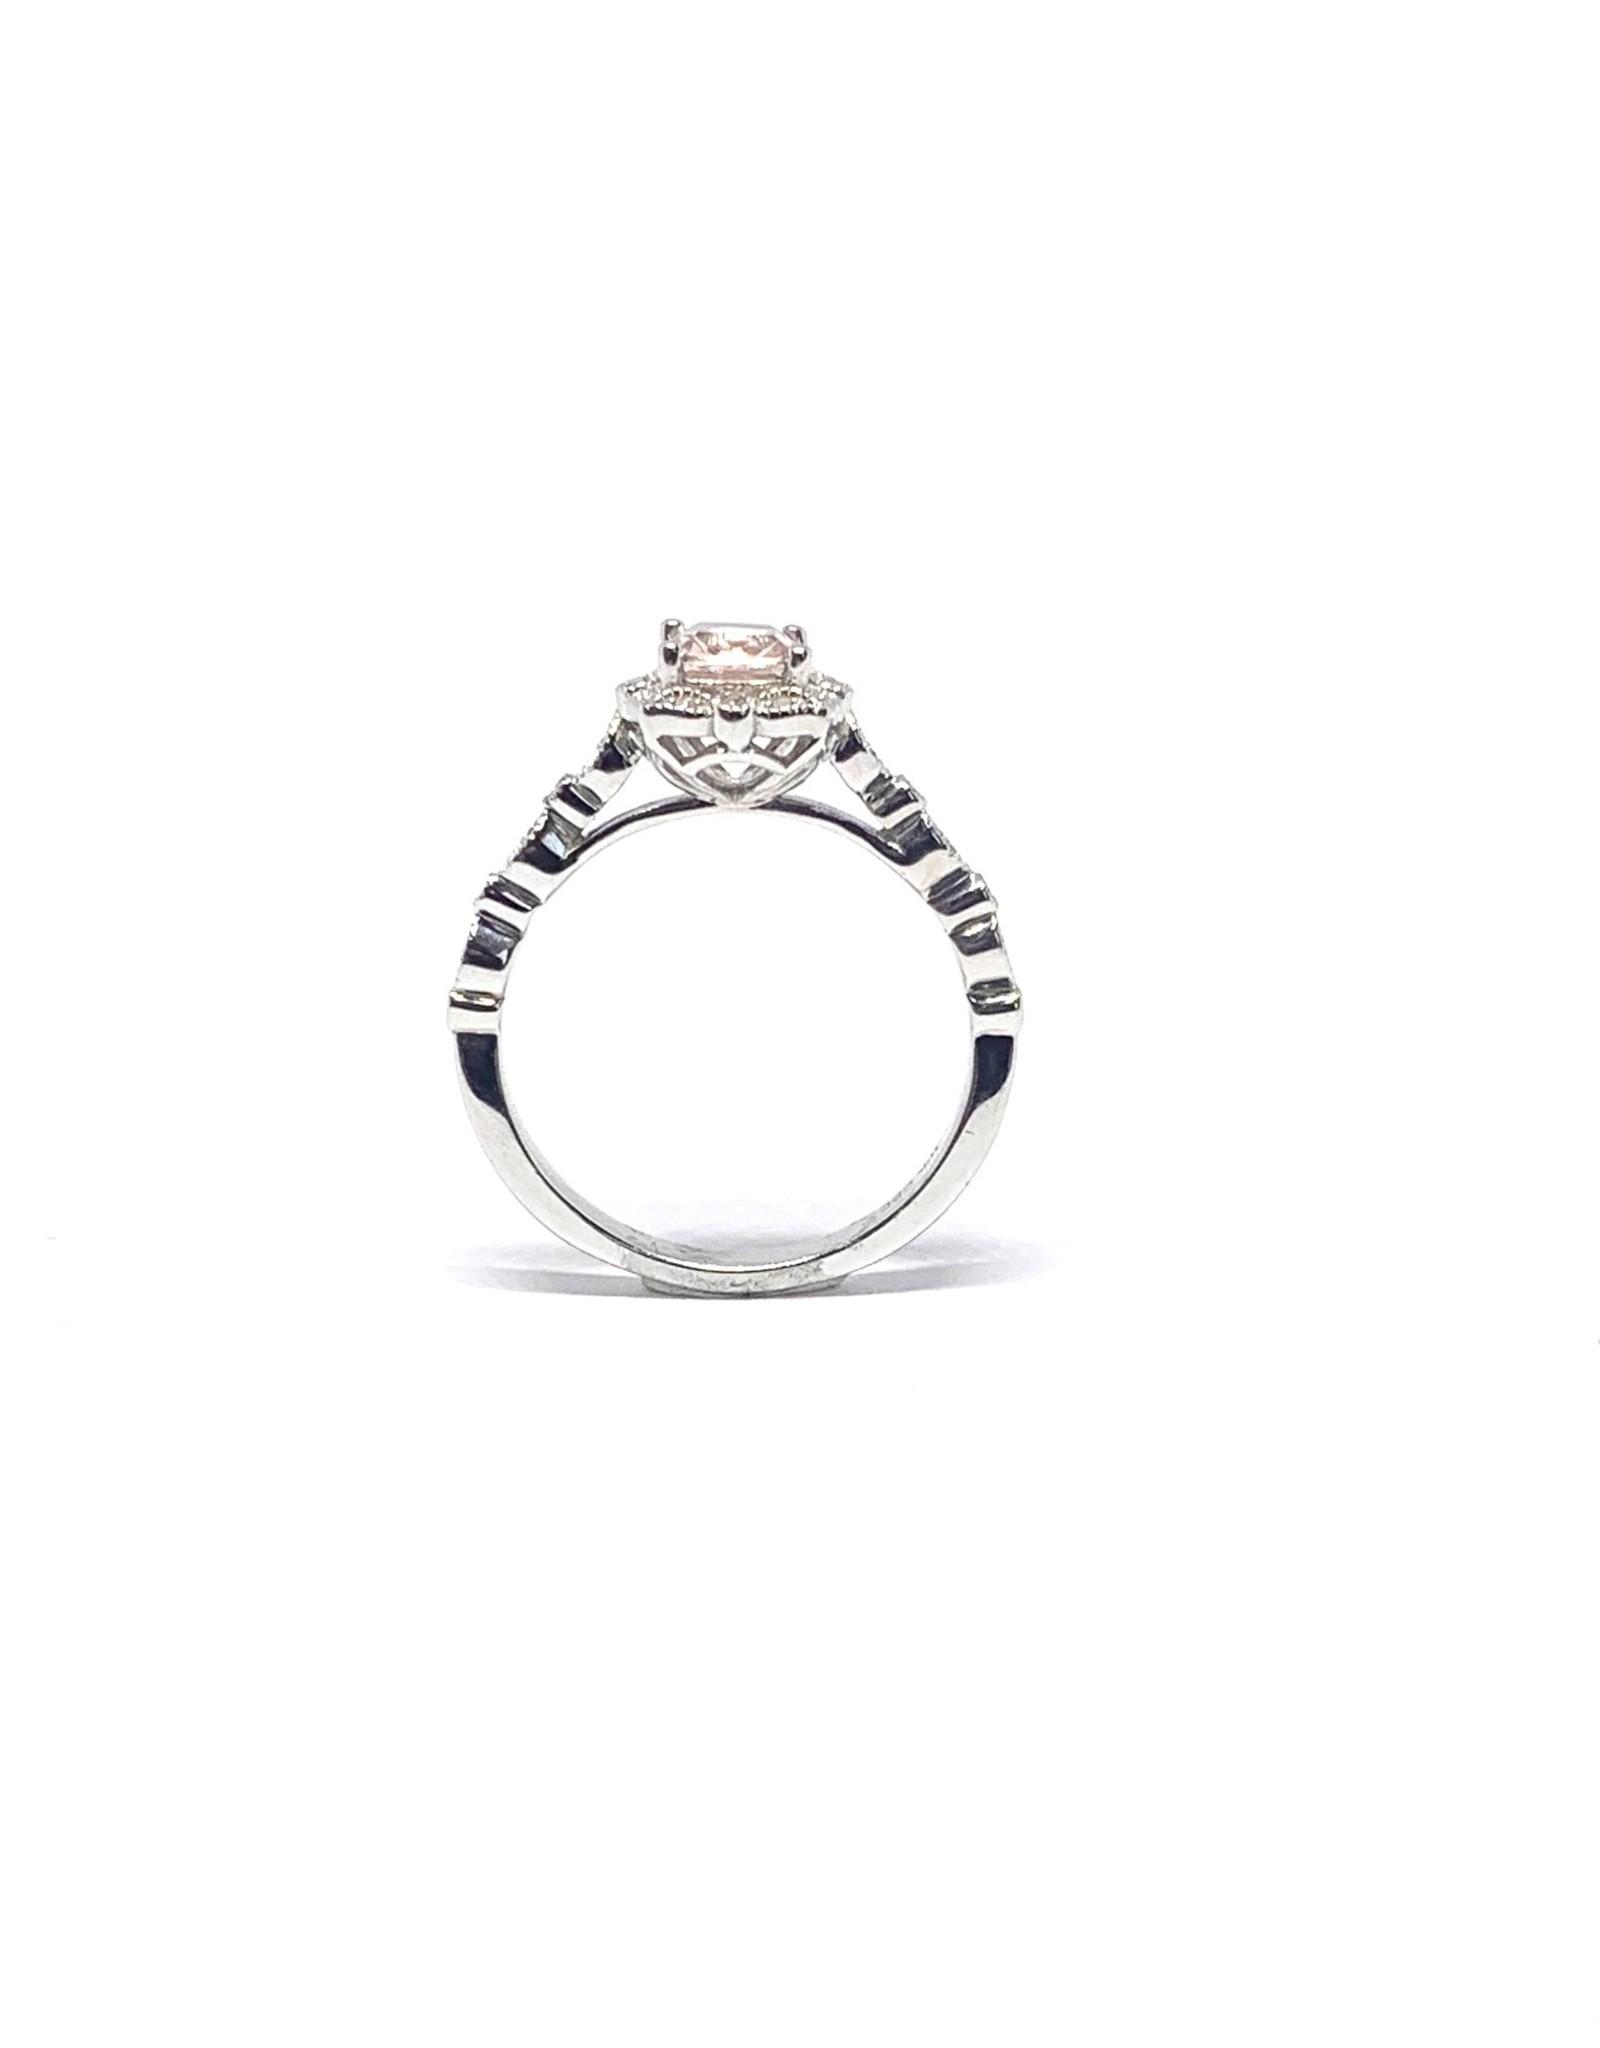 Bague «Romantique» en Or blanc avec diamants